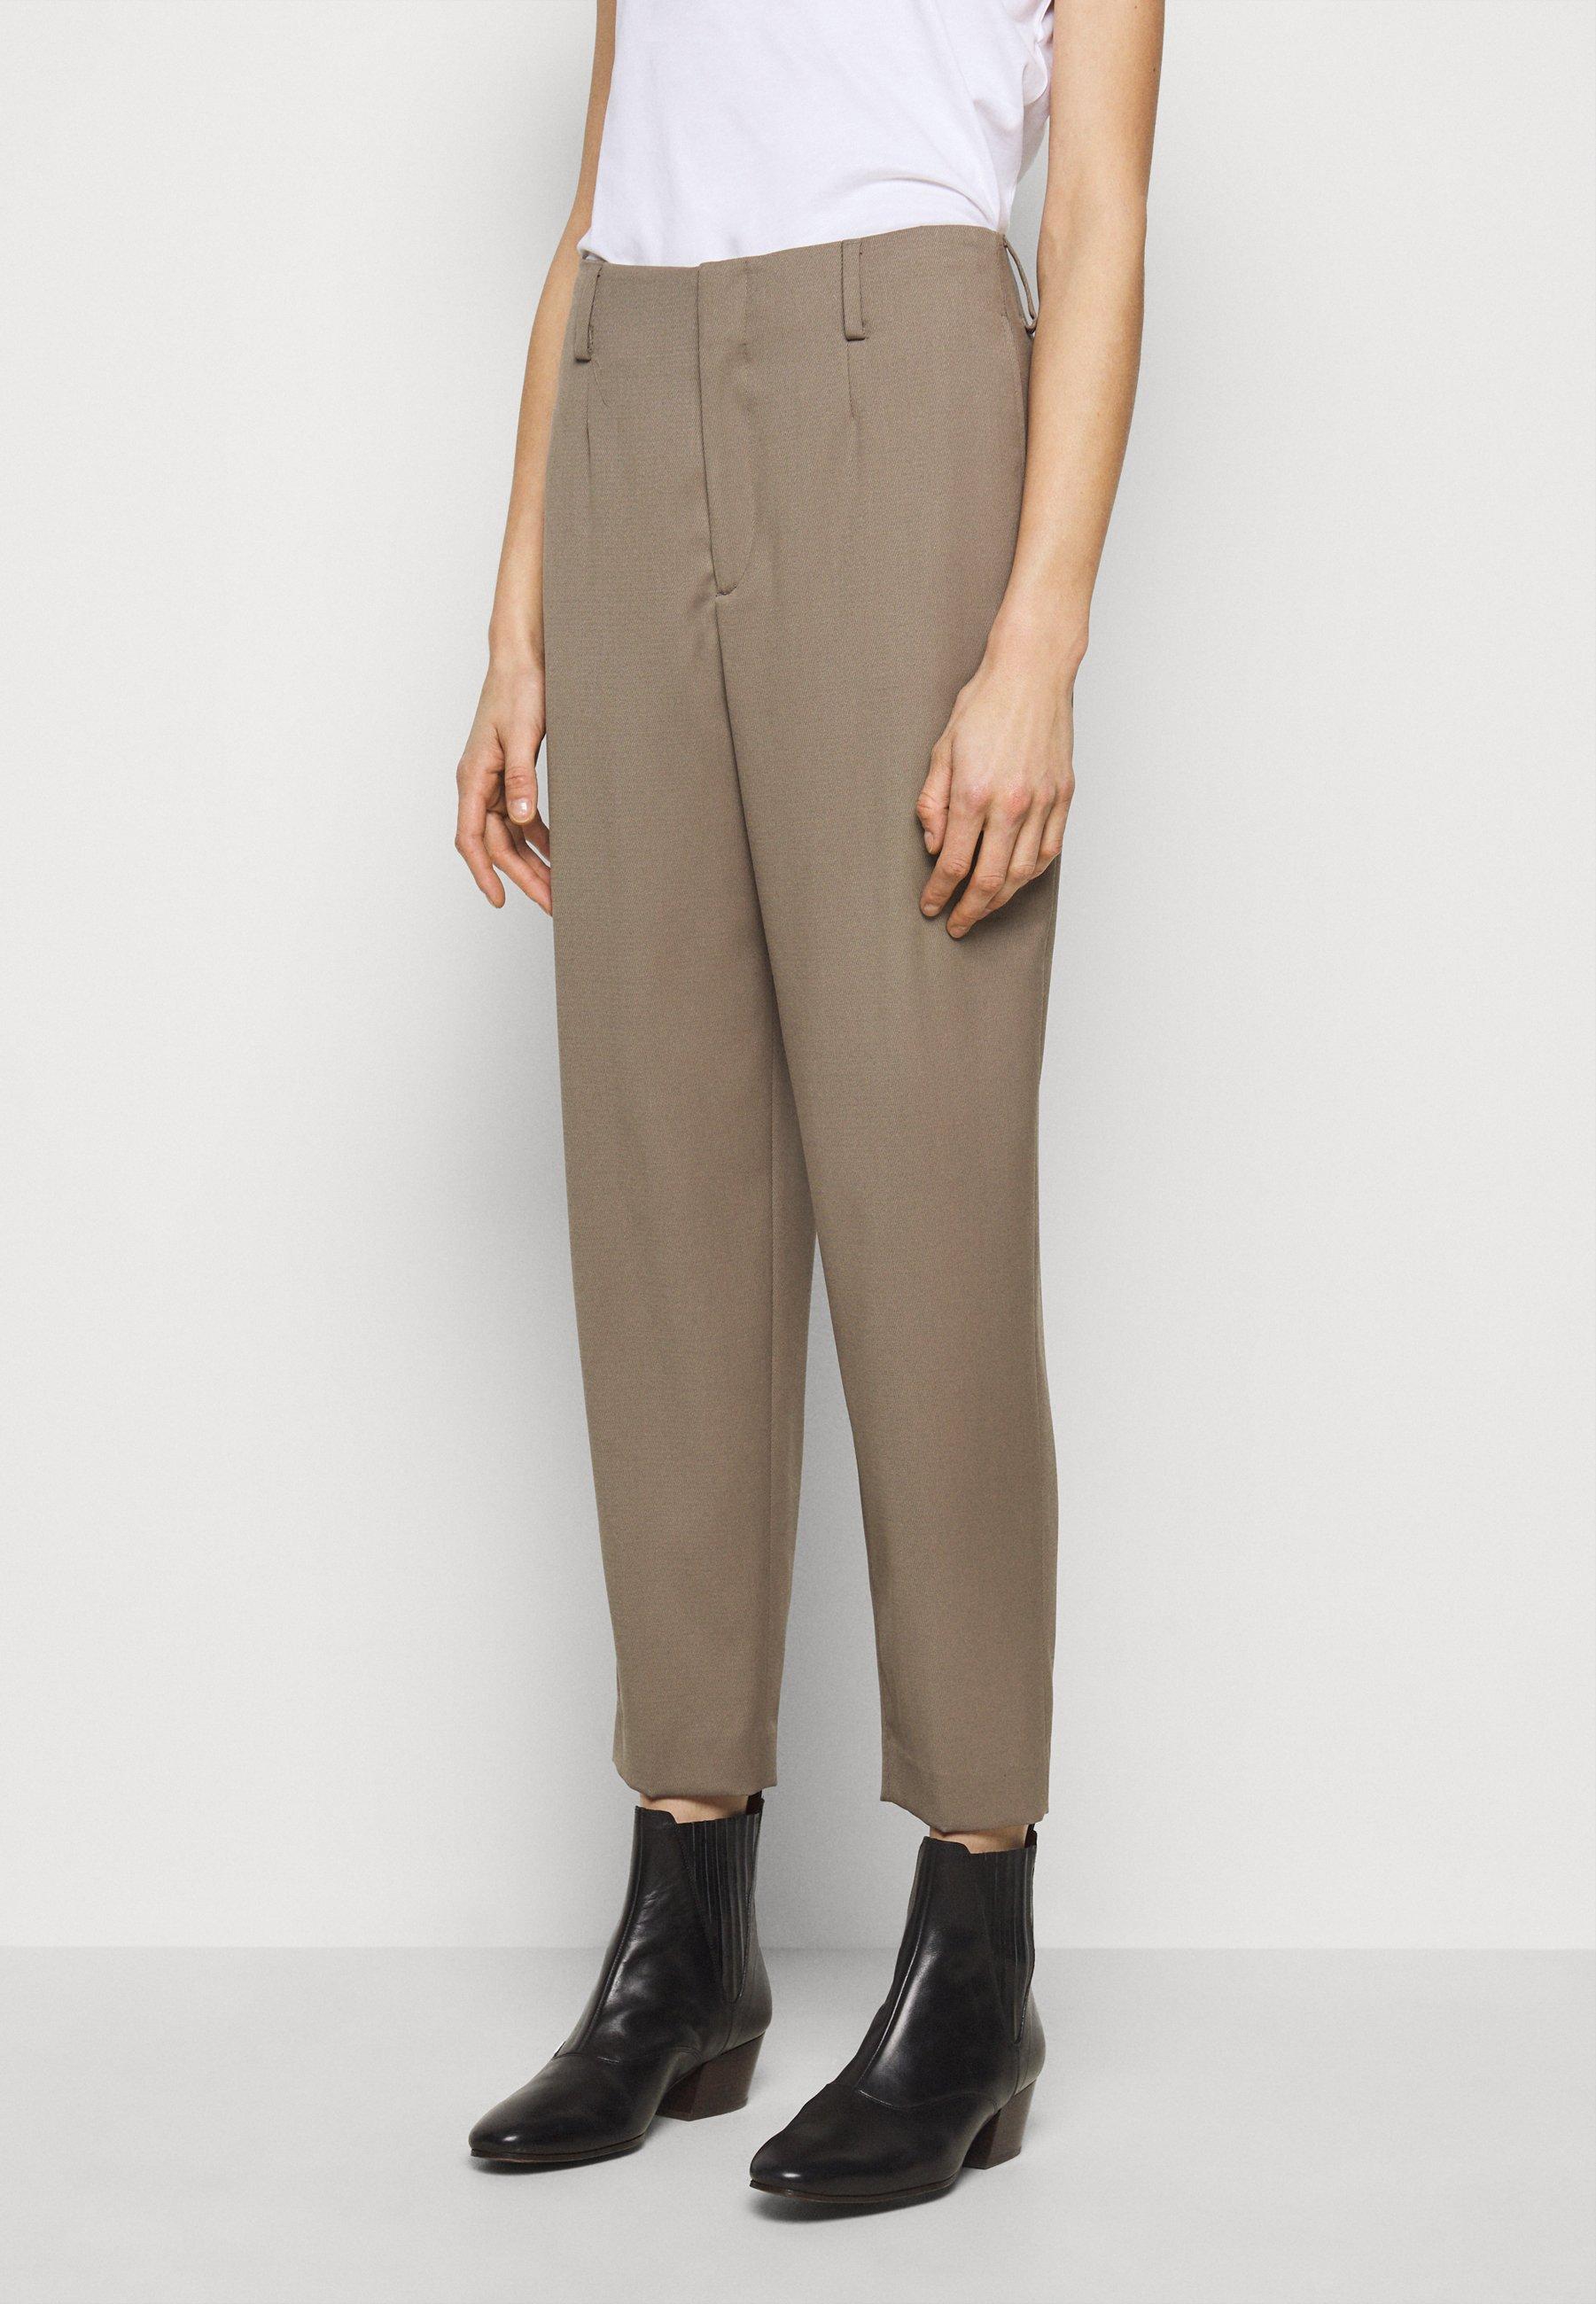 Femme KARLIE TROUSER - Pantalon classique